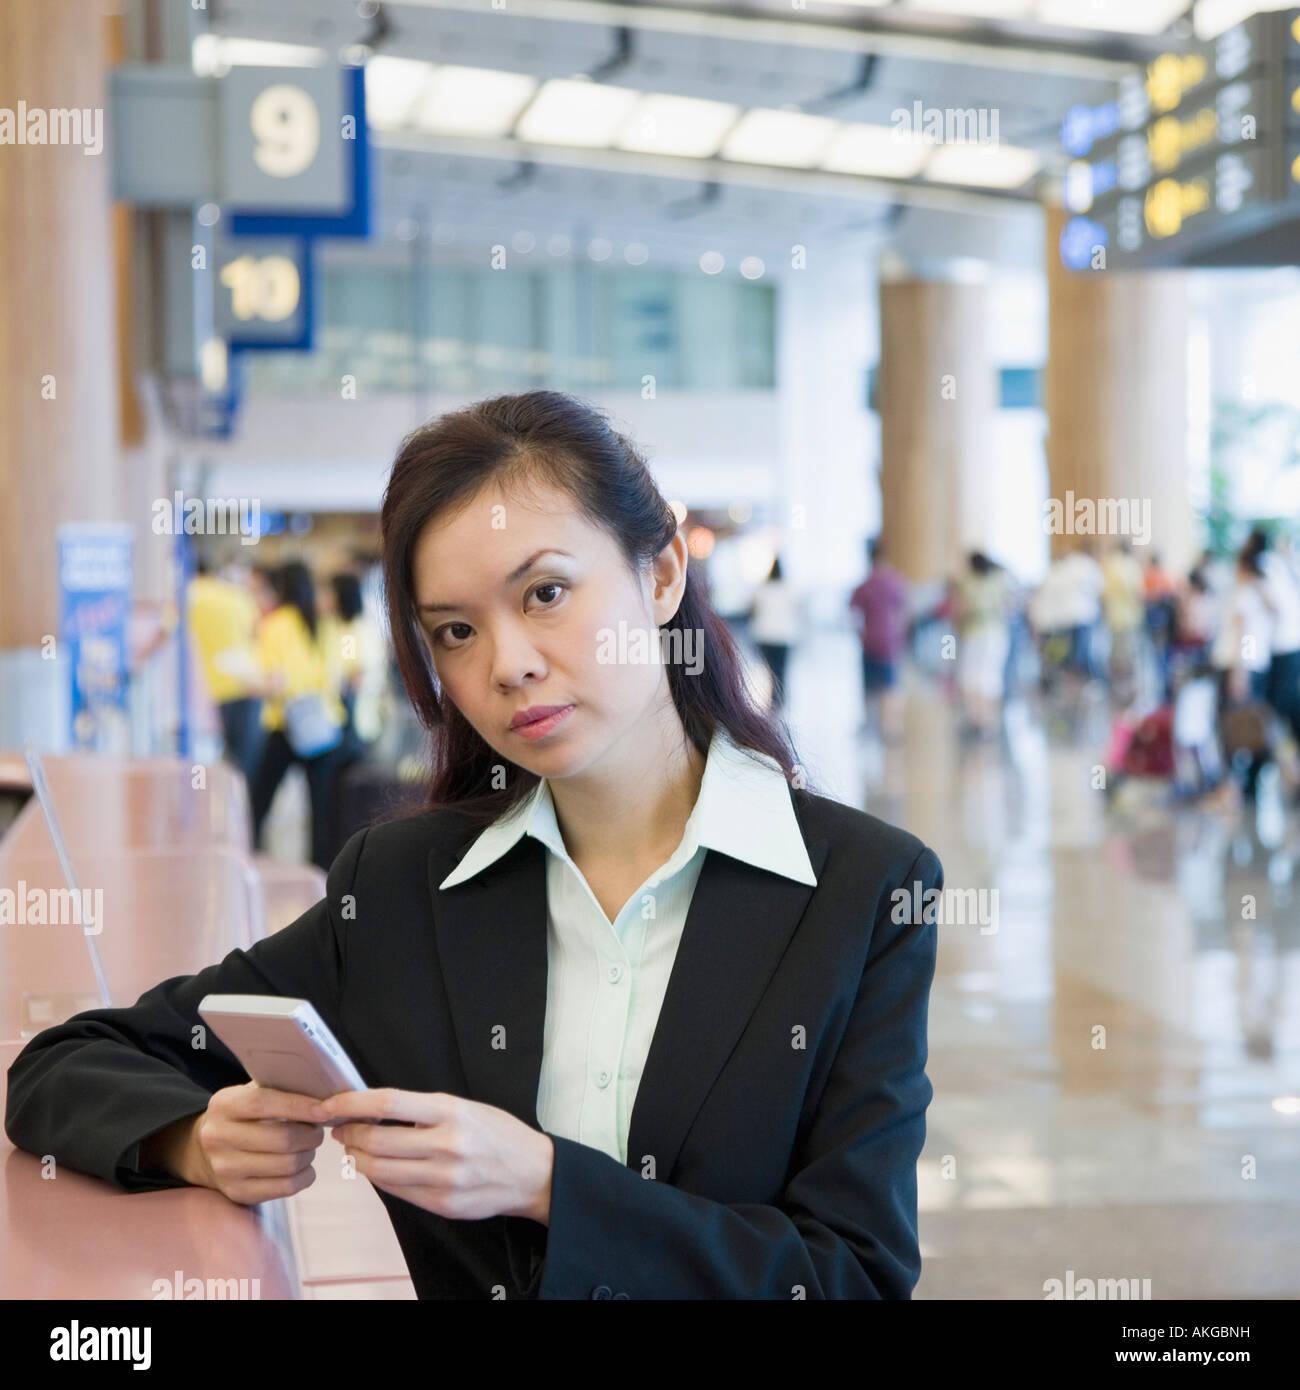 Porträt von eine Geschäftsfrau mit einer Hand gehalten Gerät an einem Flughafen Stockbild